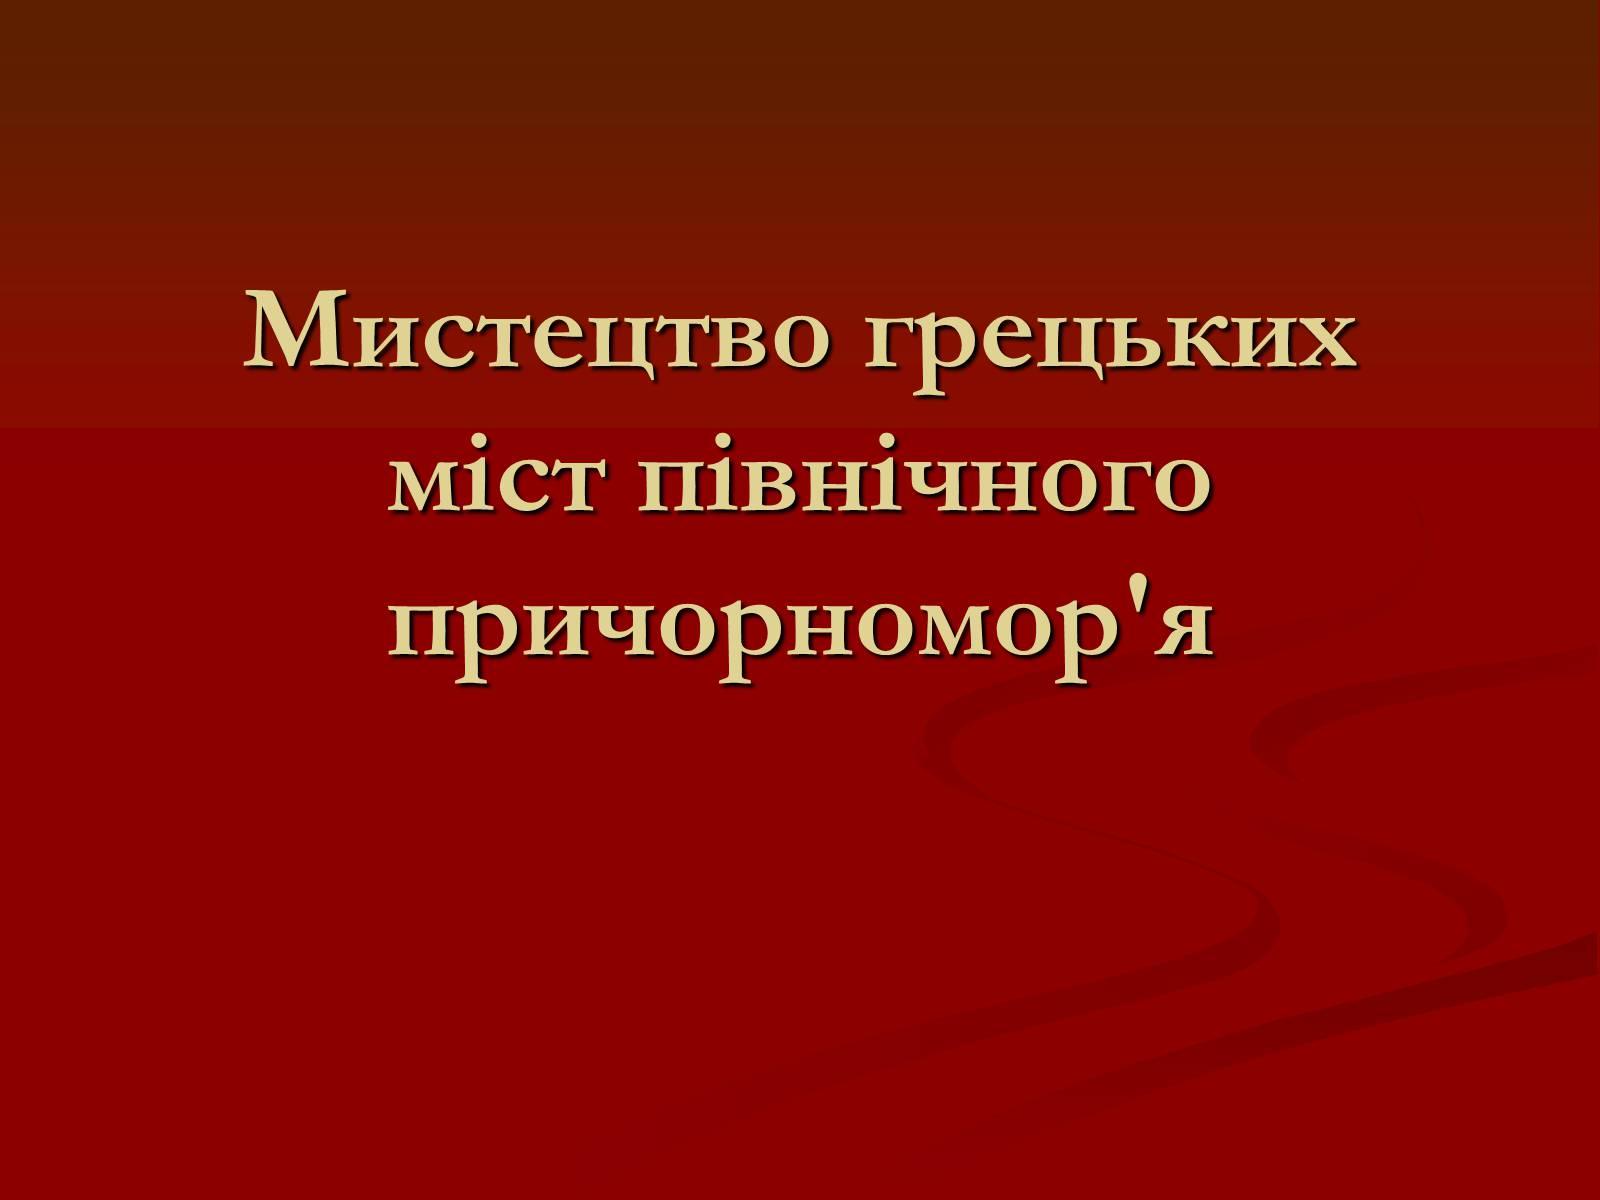 Презентація на тему «Мистецтво грецьких міст північного причорномор я» -  Слайд  1 0e6449353925d